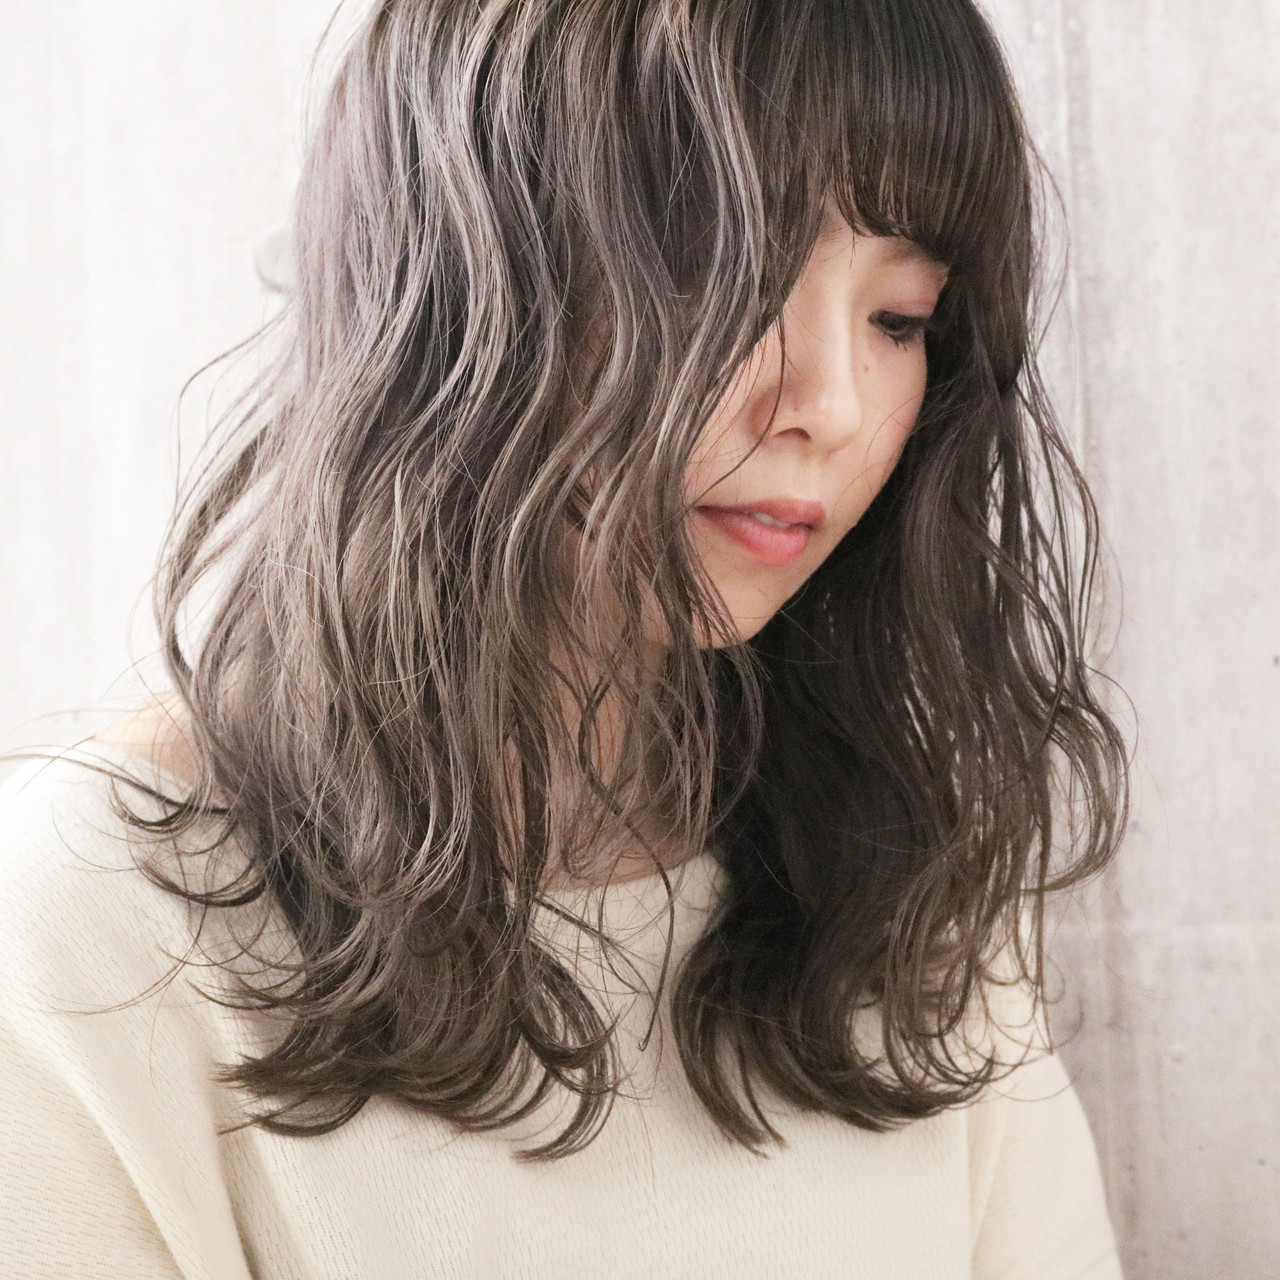 ナチュラル 透明感カラー ロング 簡単ヘアアレンジ ヘアスタイルや髪型の写真・画像